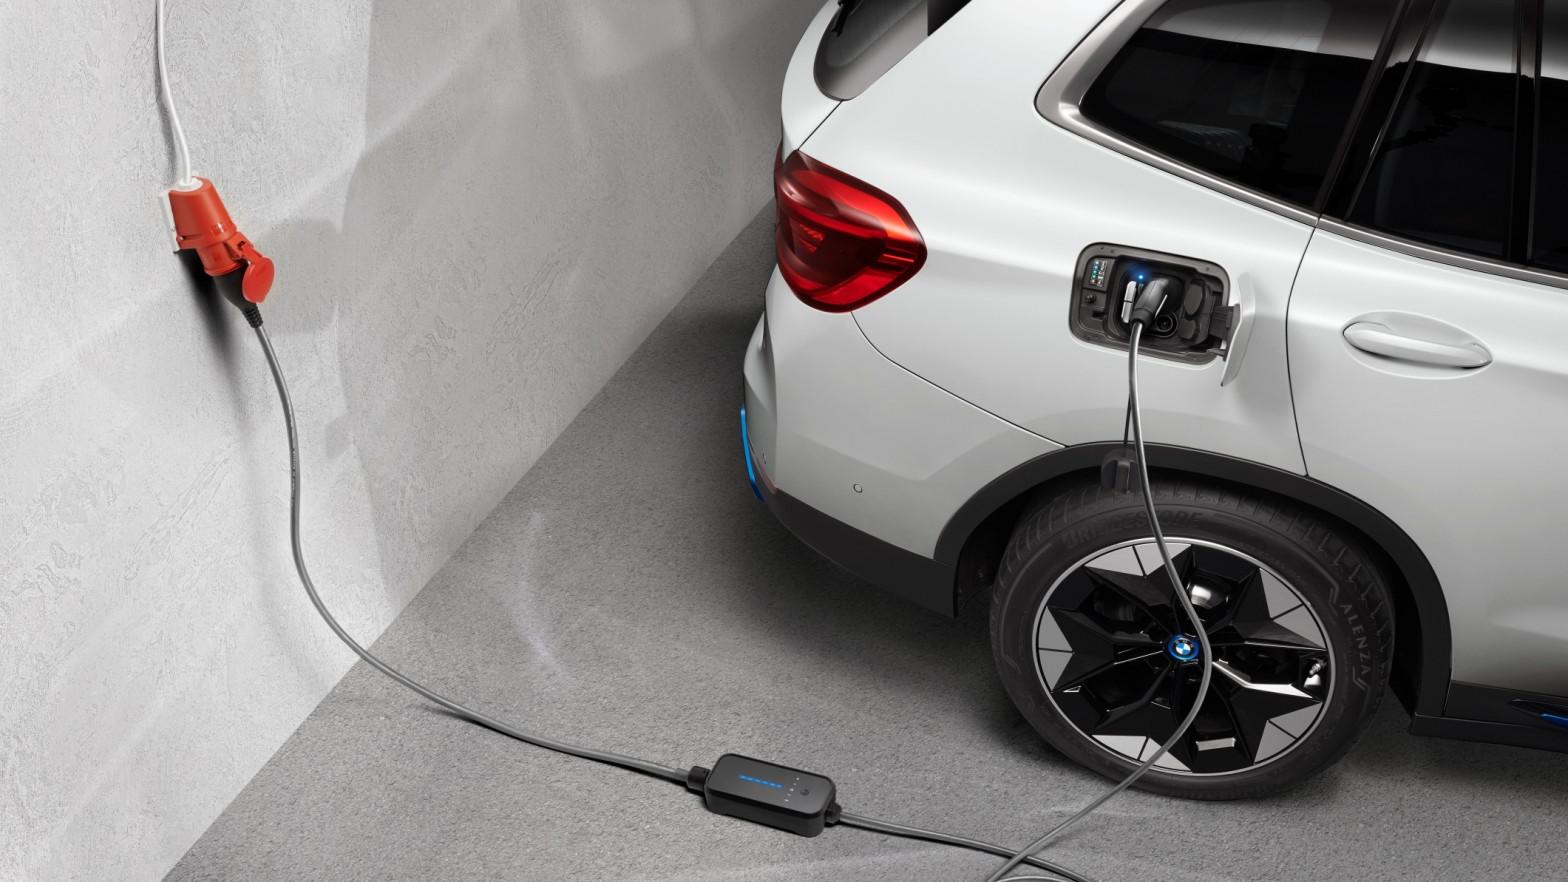 Un coche eléctrico durante la recarga.